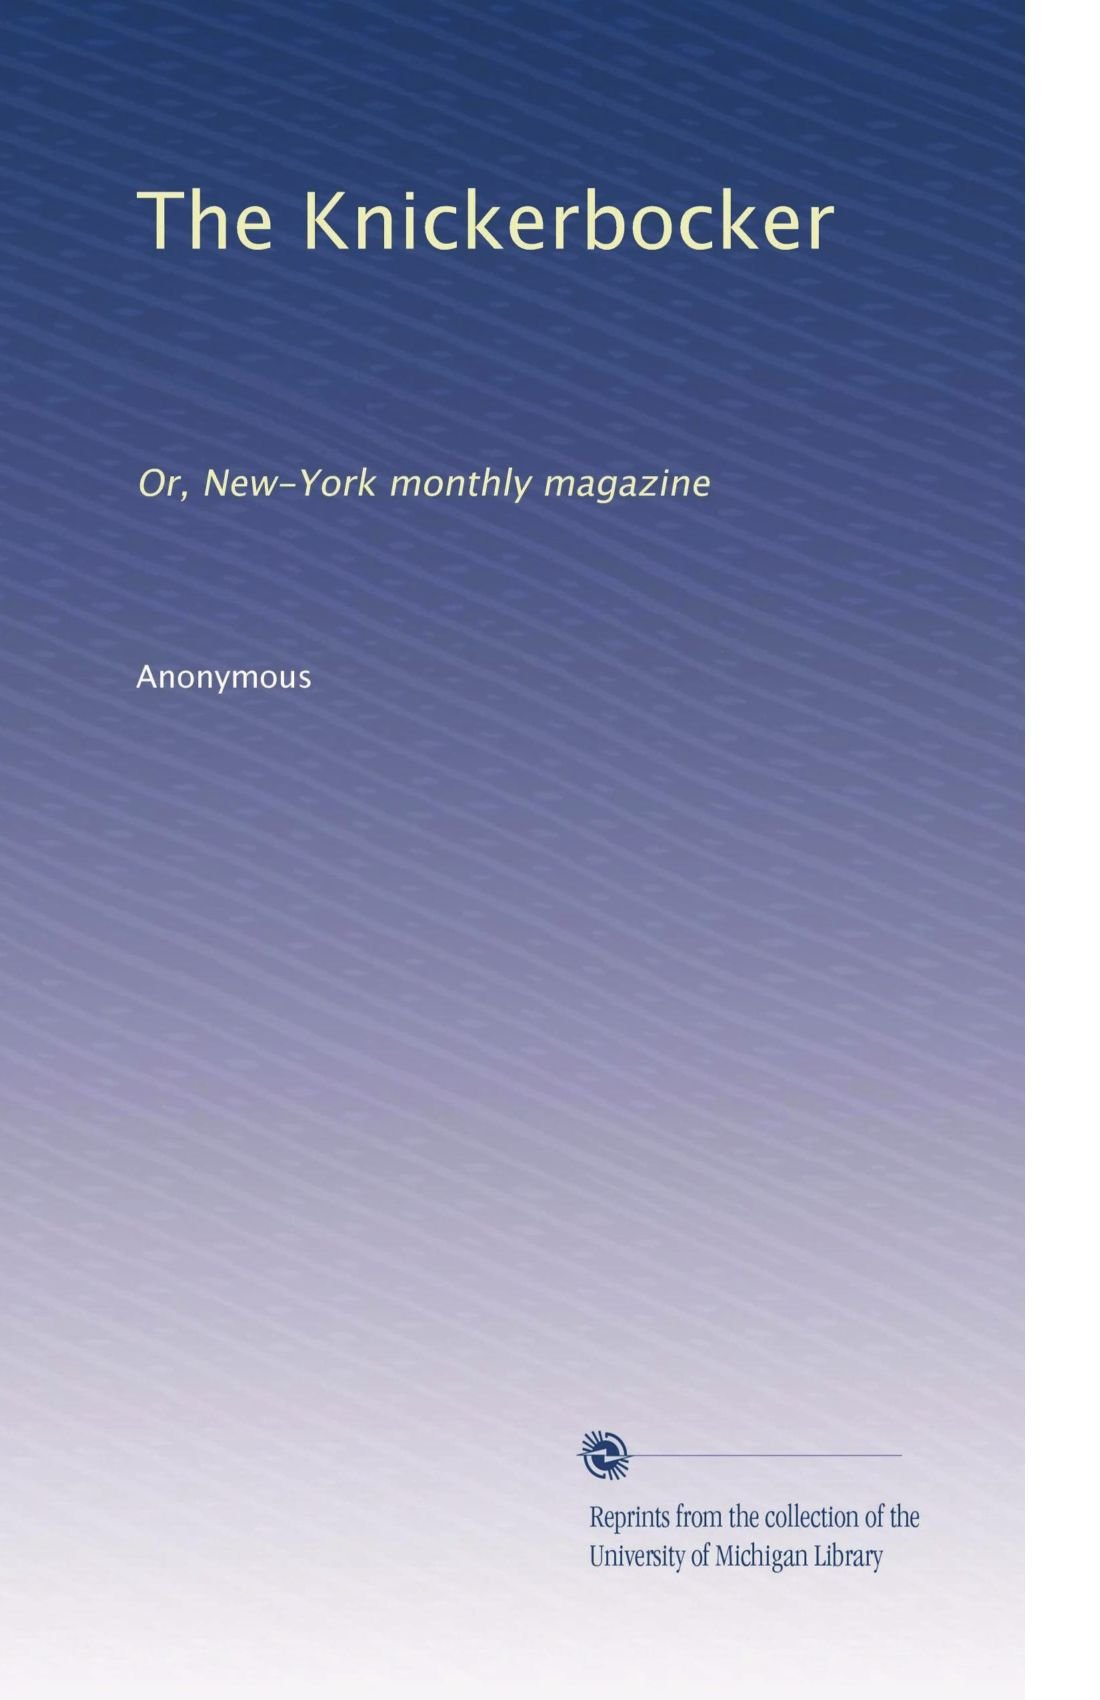 The Knickerbocker: Or, New-York monthly magazine (Volume 22) pdf epub